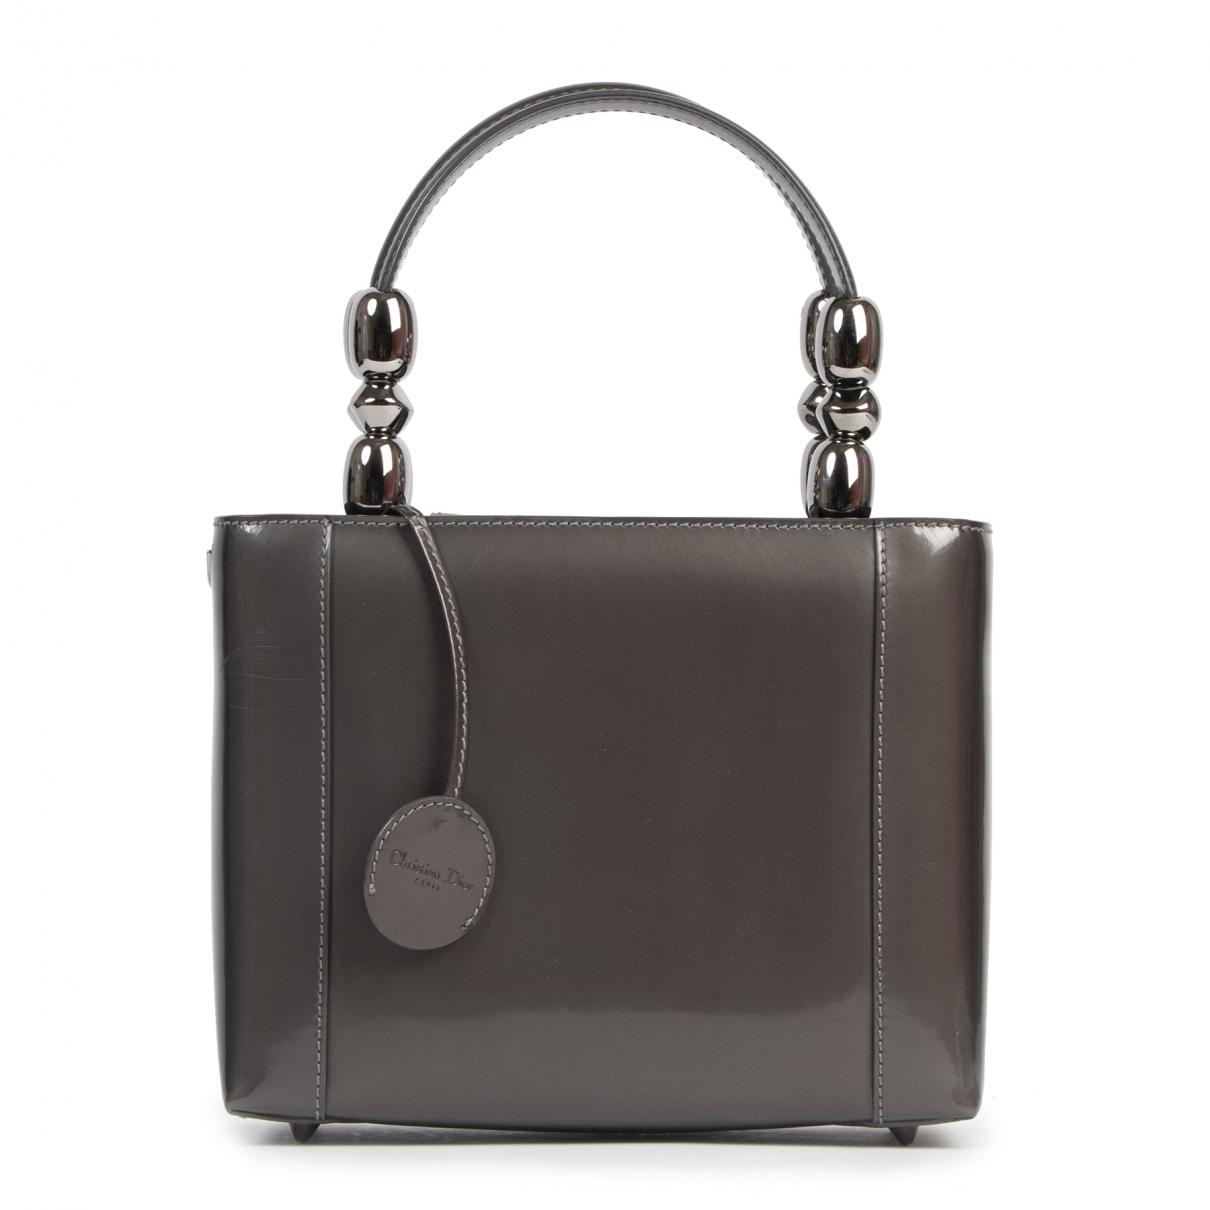 Dior - Sac a main Lady Perla pour femme en cuir verni - gris